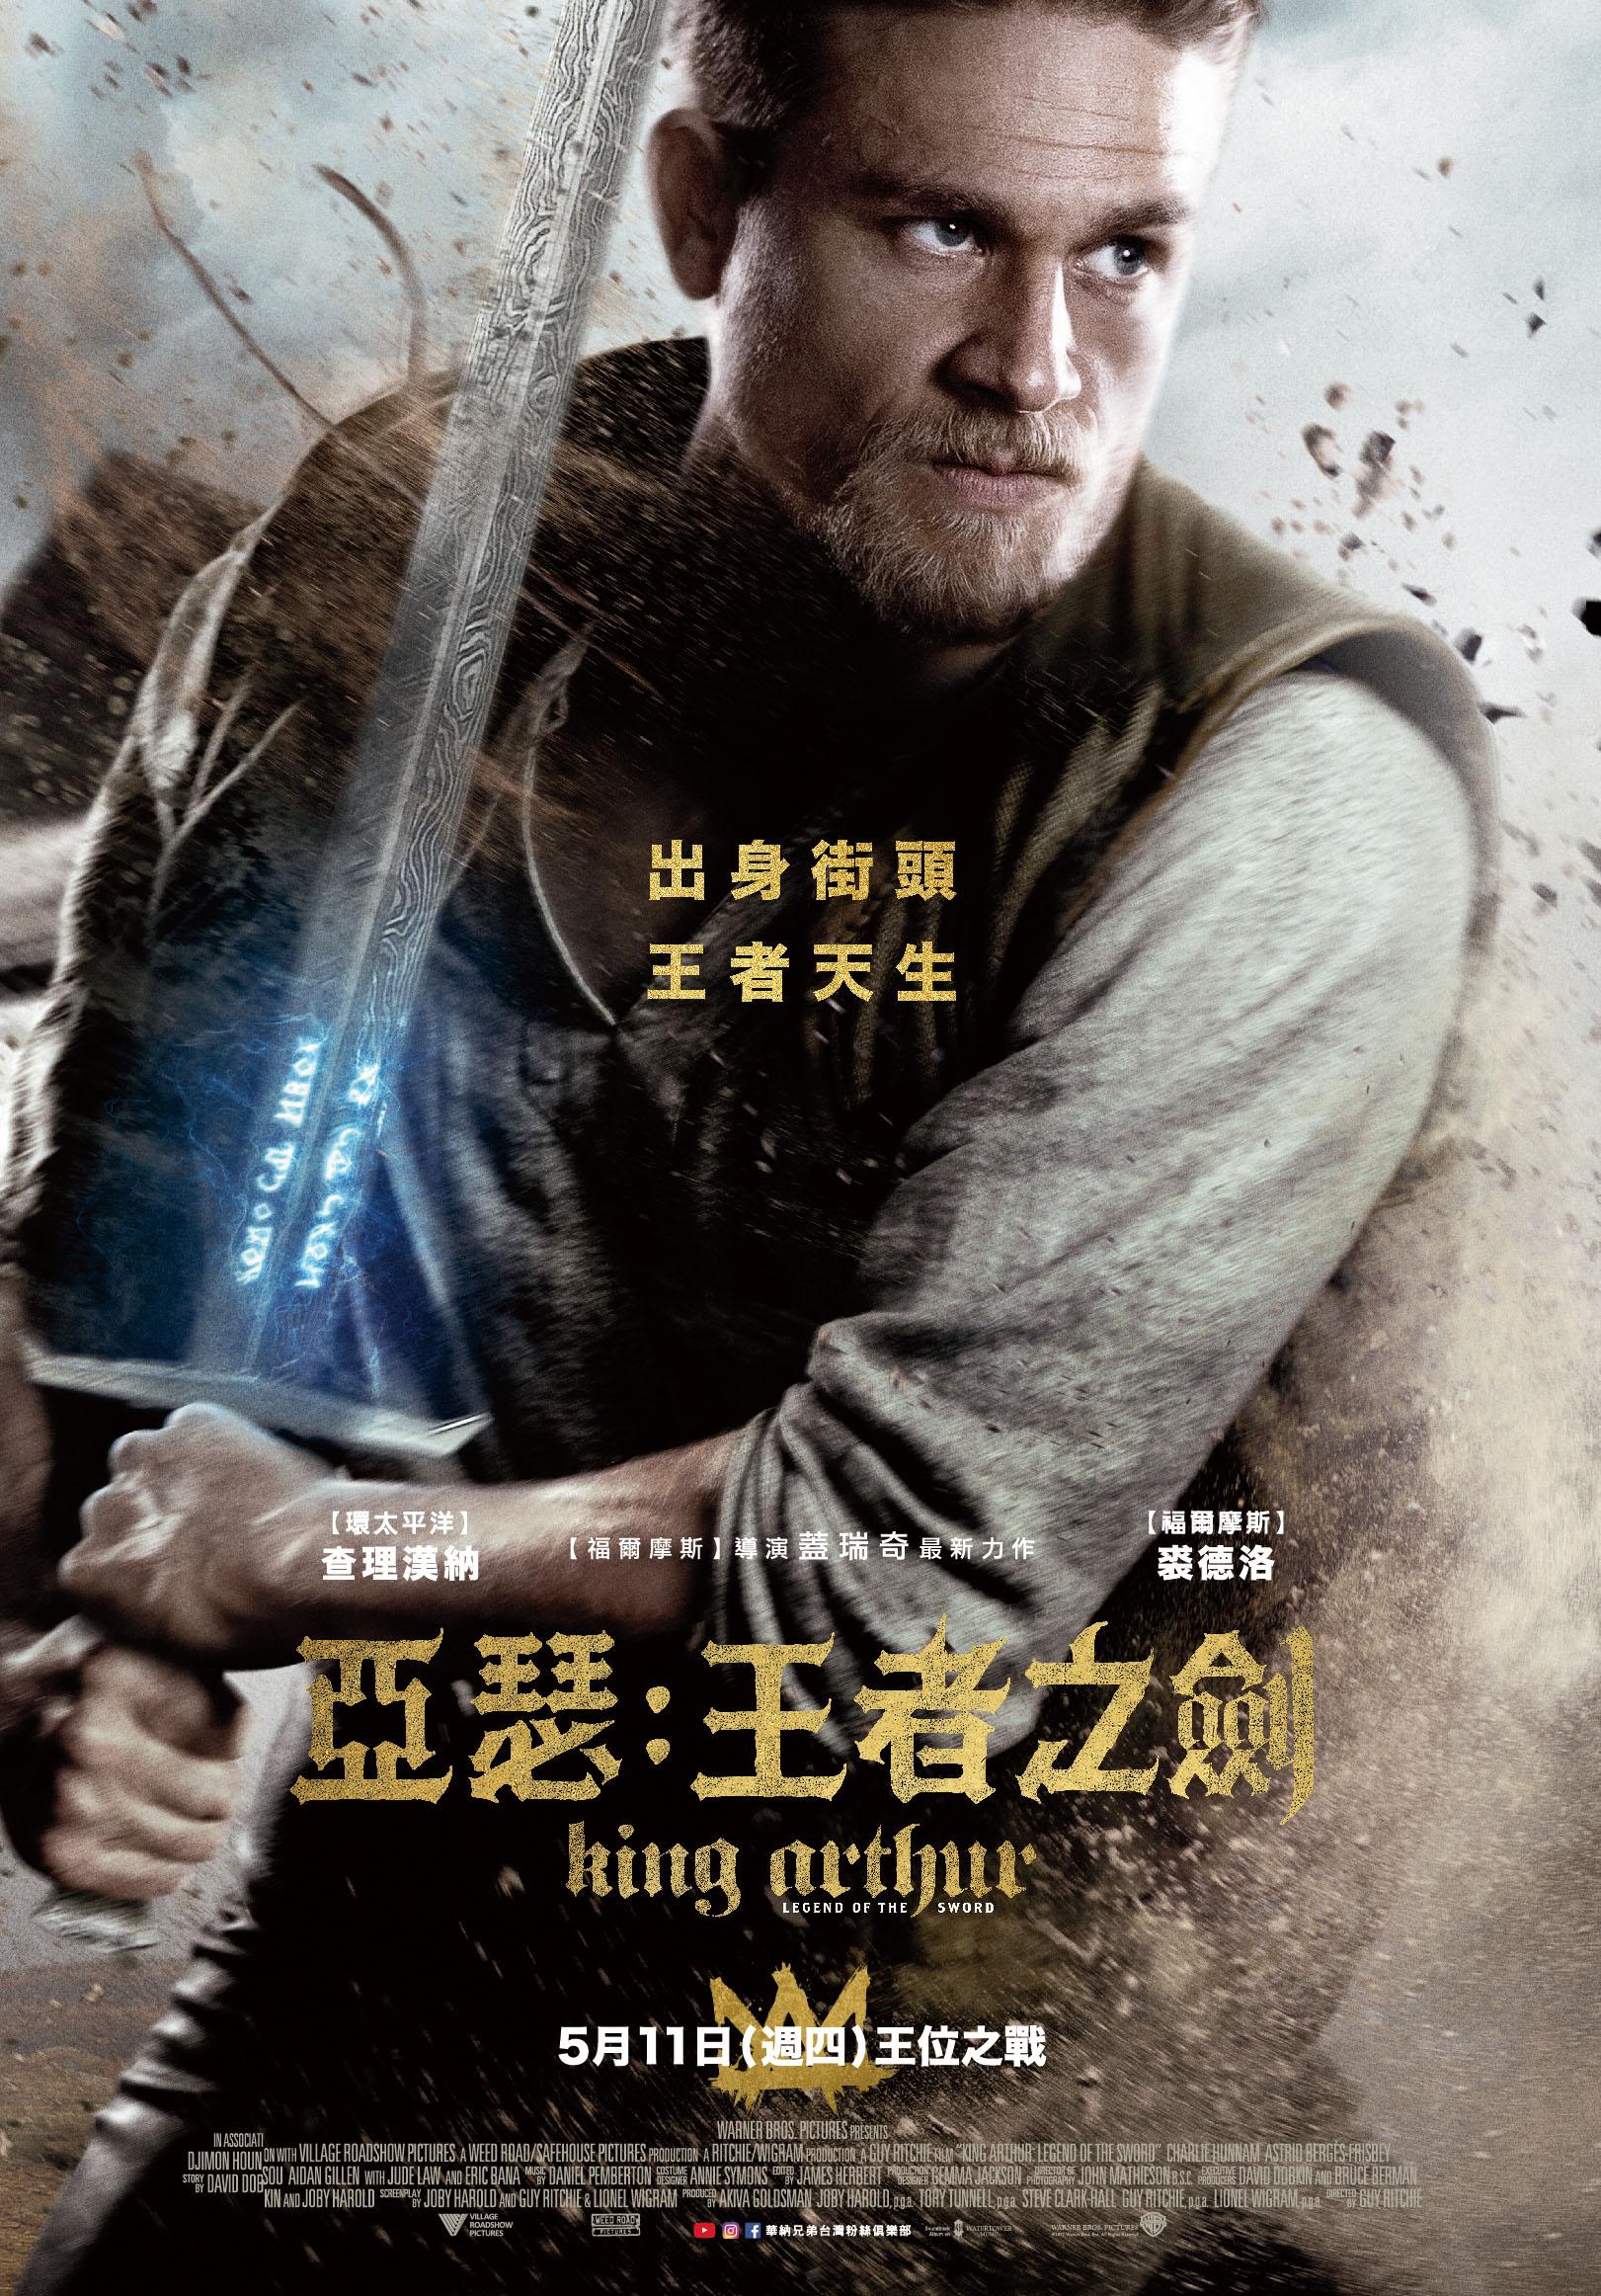 【亞瑟:王者之劍】最新預告